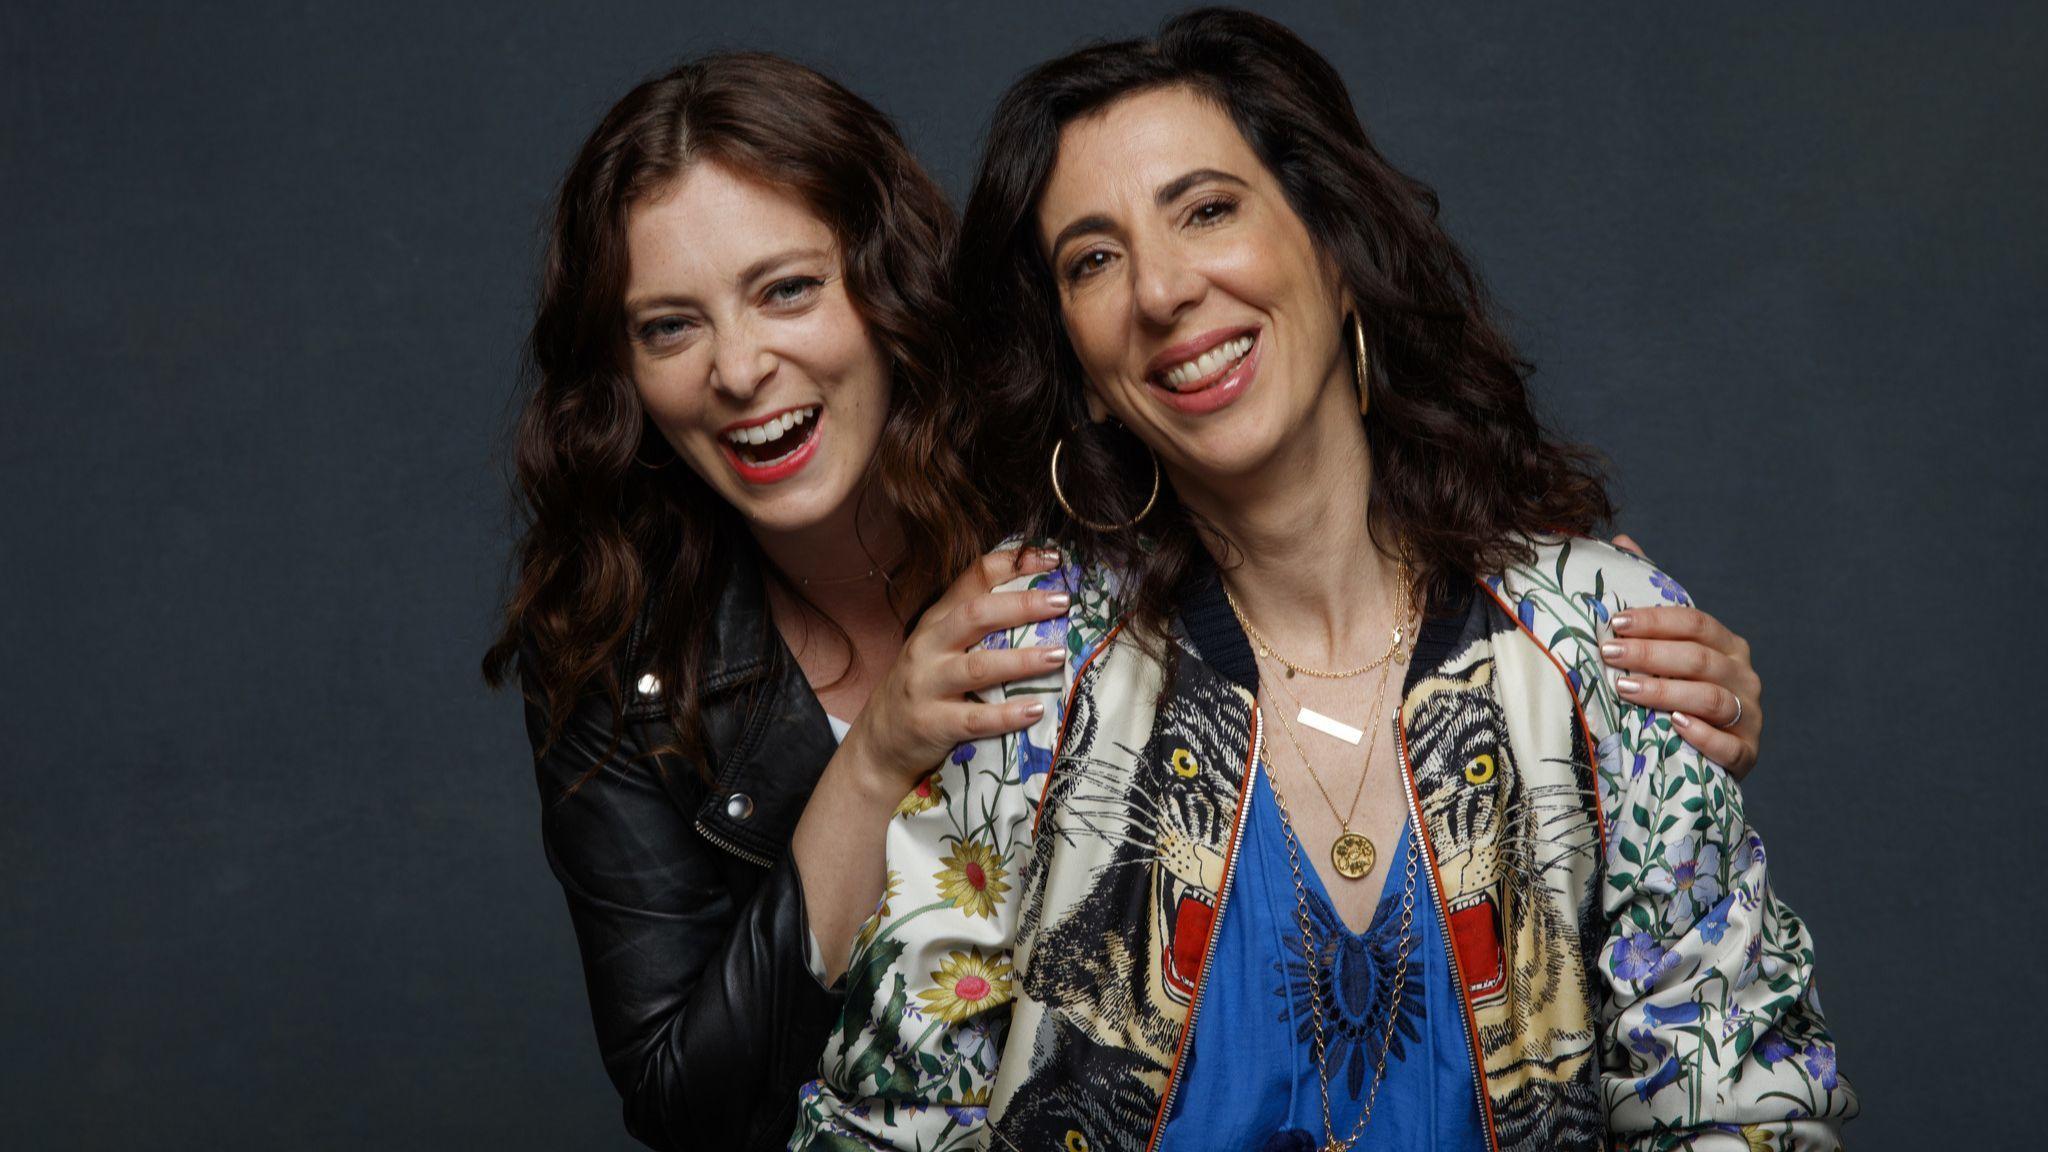 Rachel Bloom and Aline Brosh-McKenna